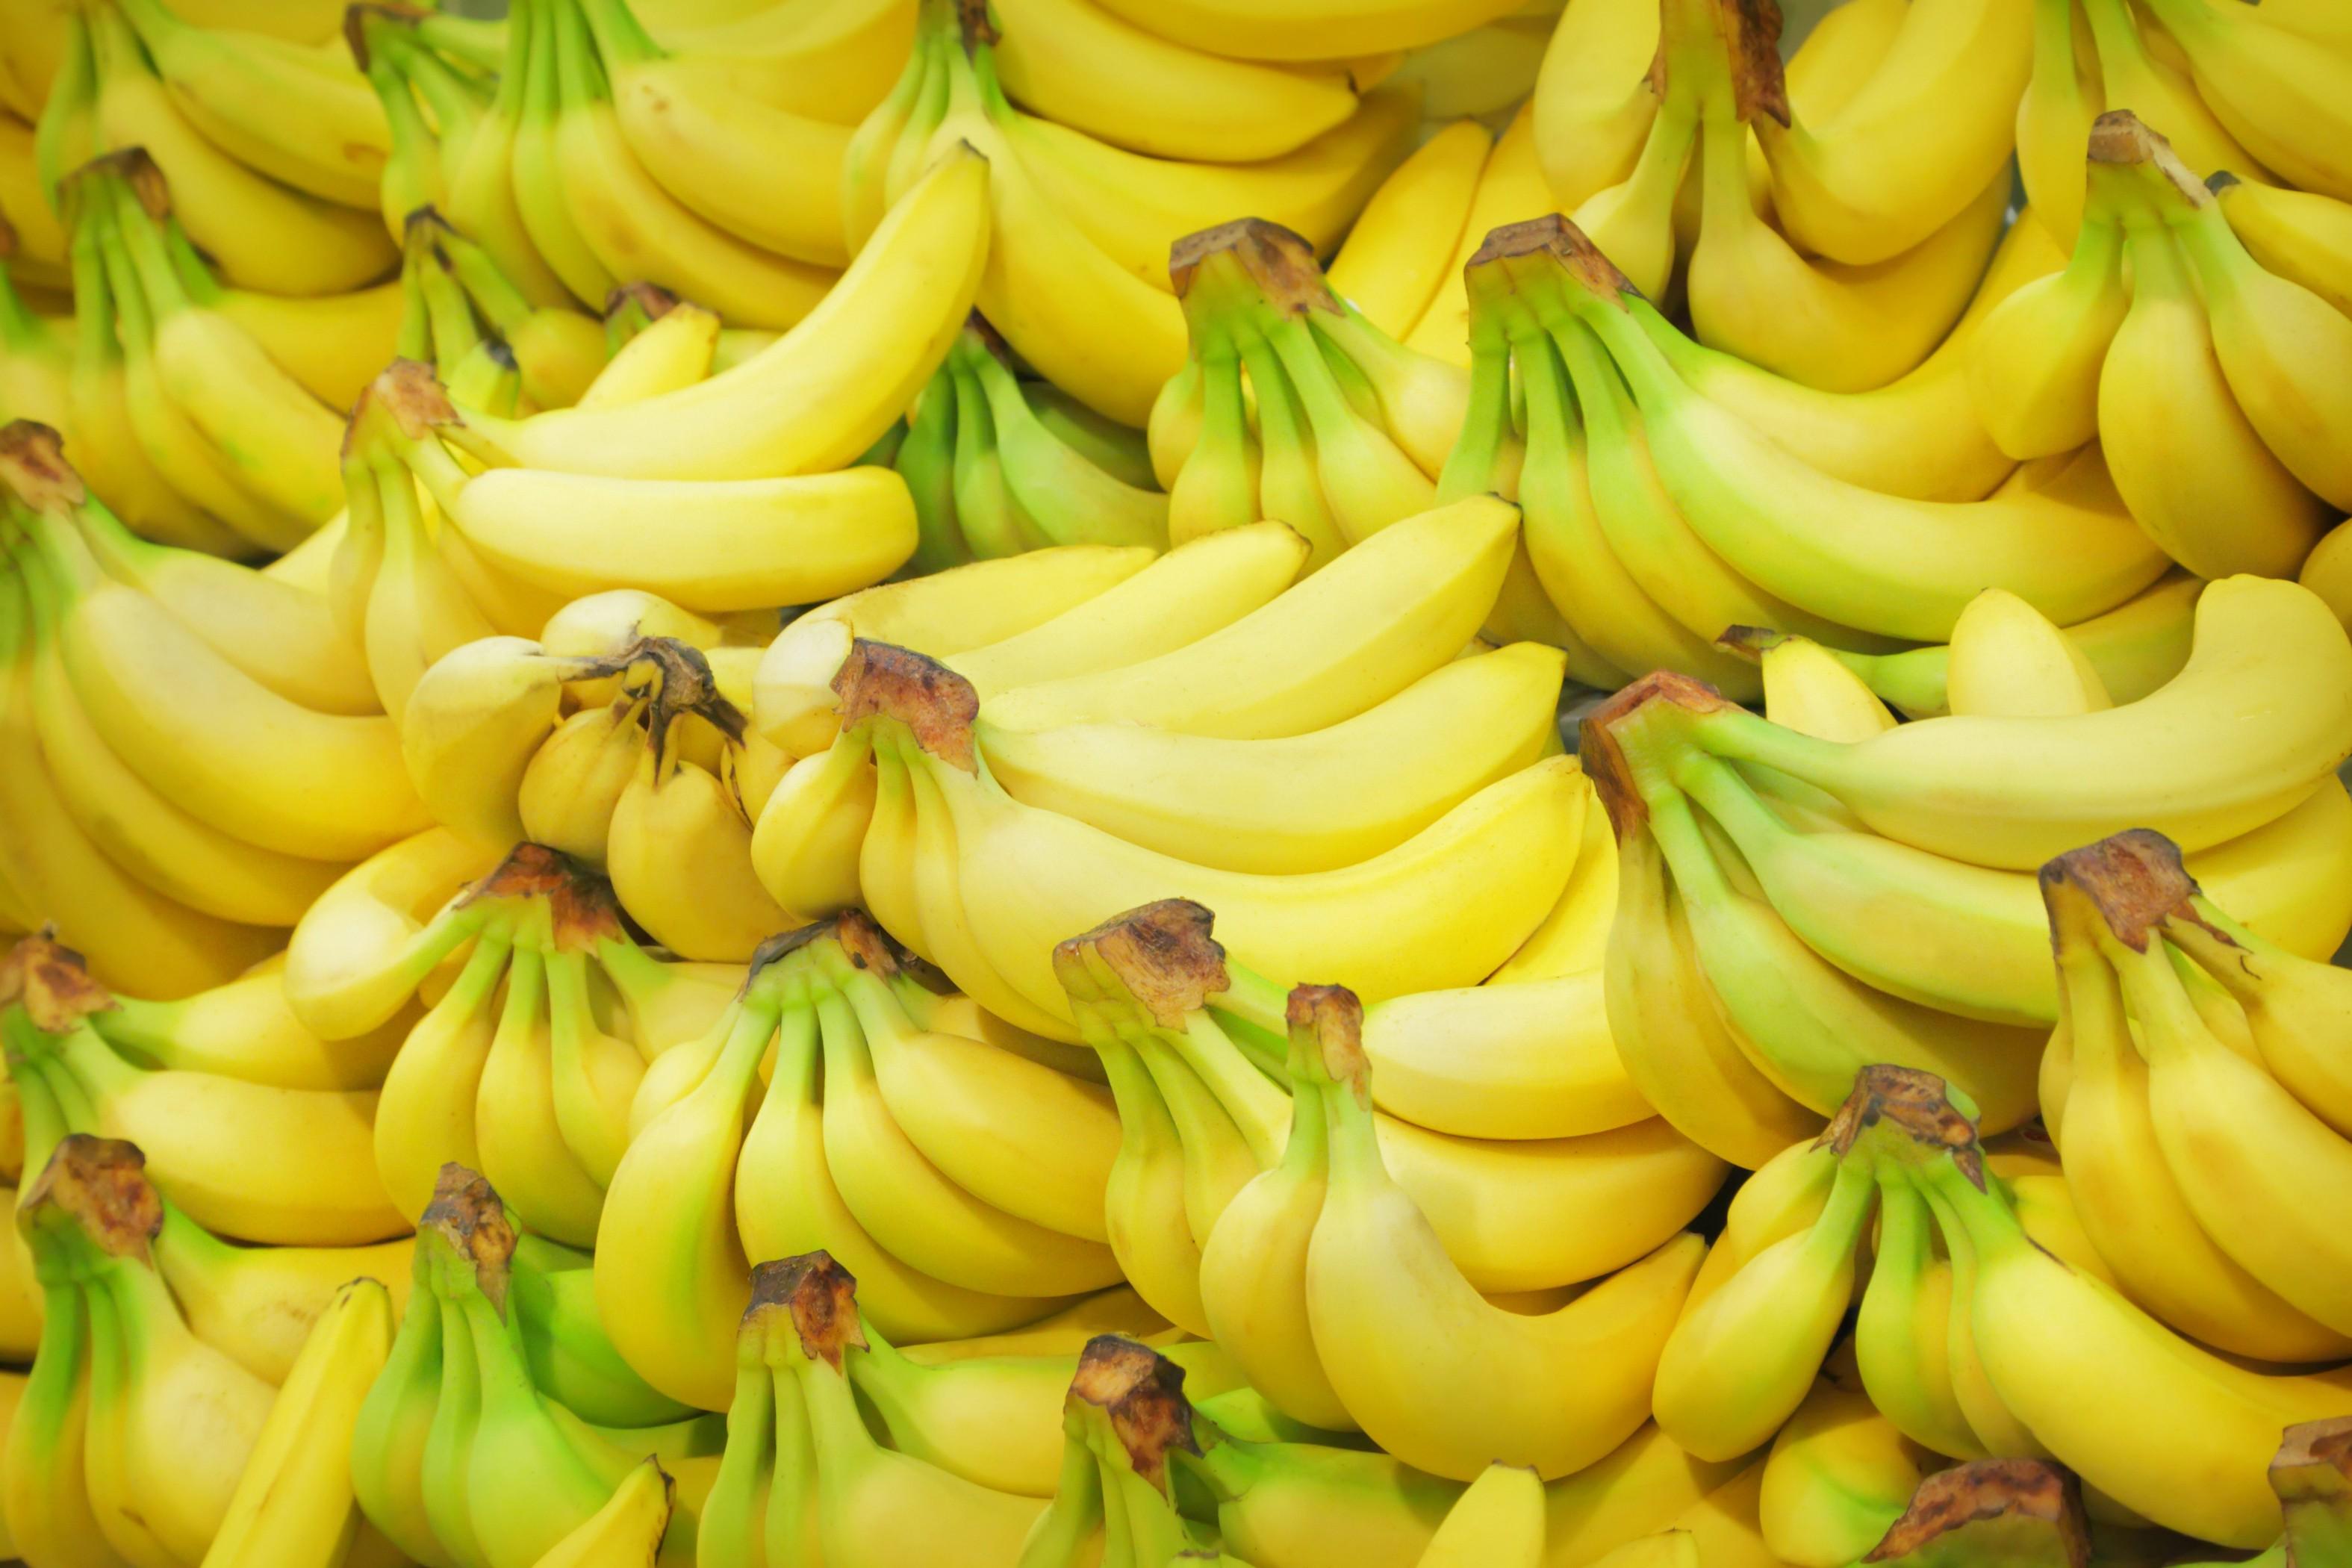 Pianta Di Banana Foto sfondi : cibo, frutta, giallo, banane, fiore, banana